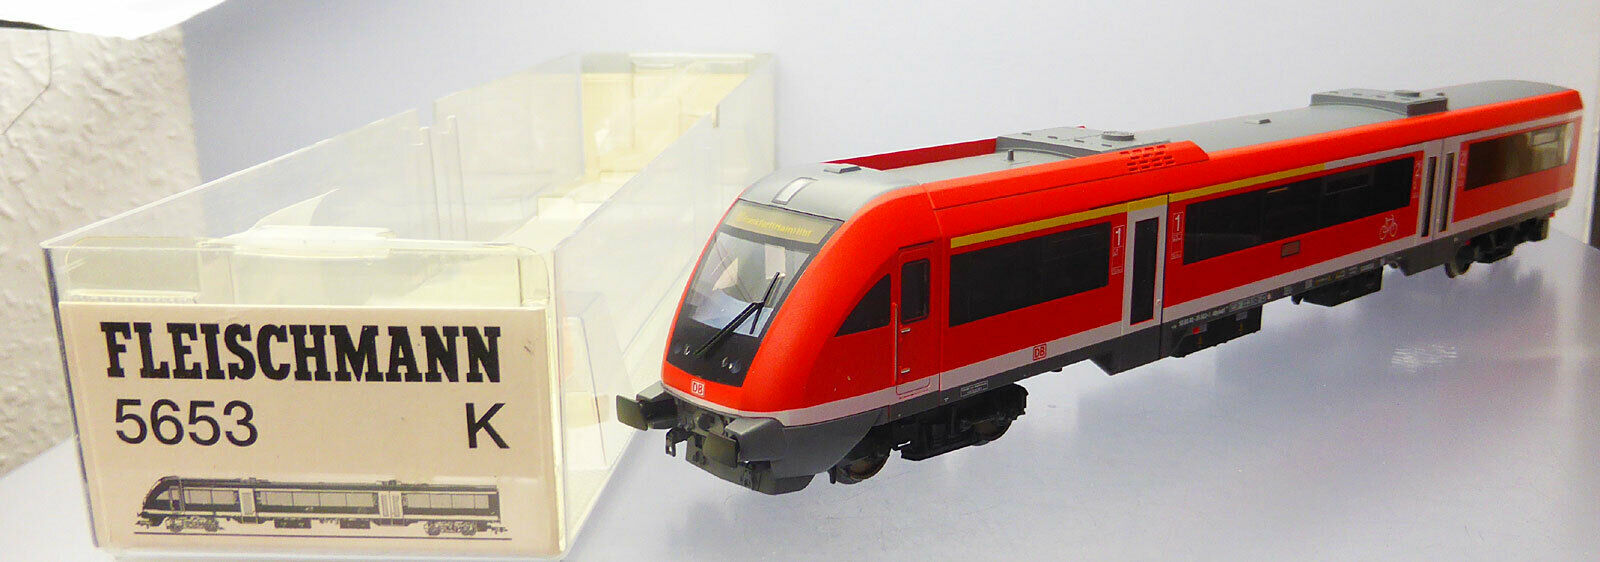 Fleischuomon 5653; trasporto localeautorello fiscale modalità DB in OVPk515